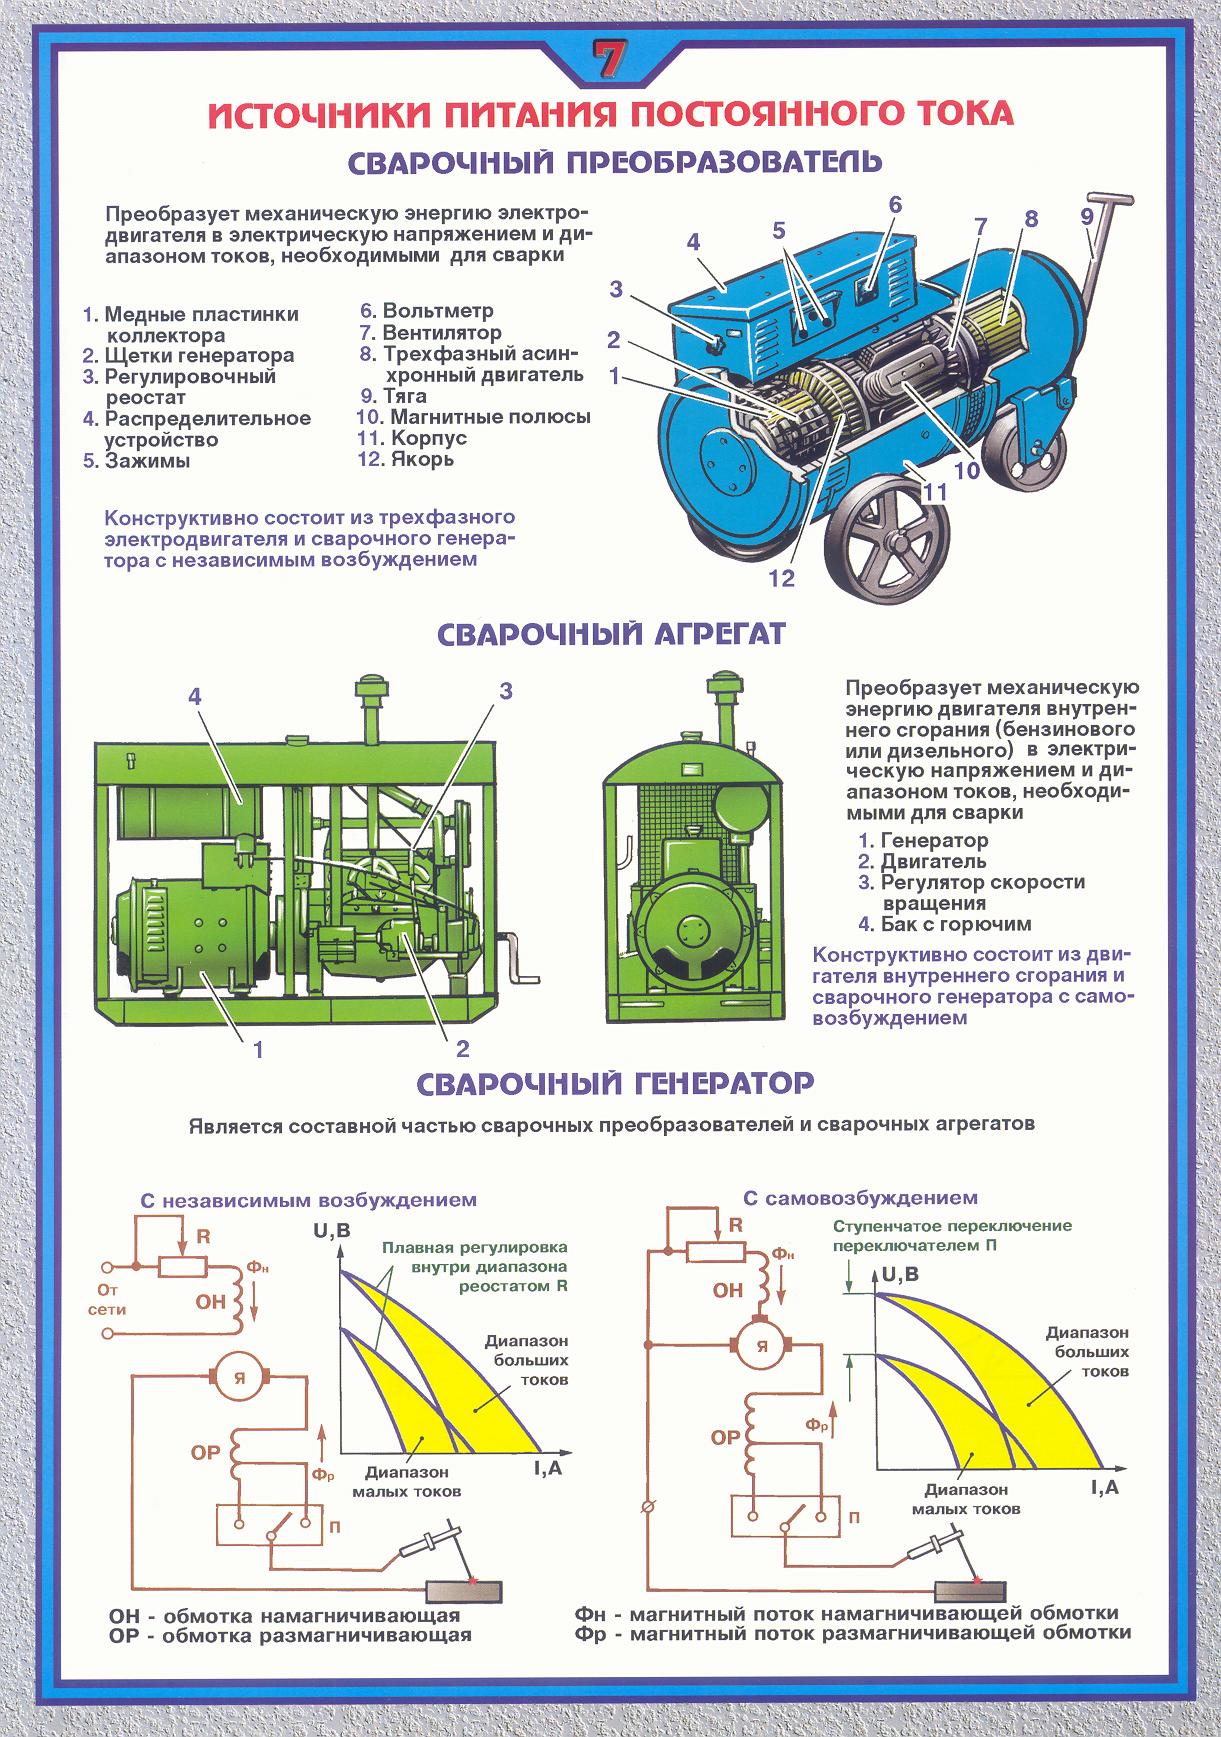 Принципиальная схема сварочного генератора гд-4006